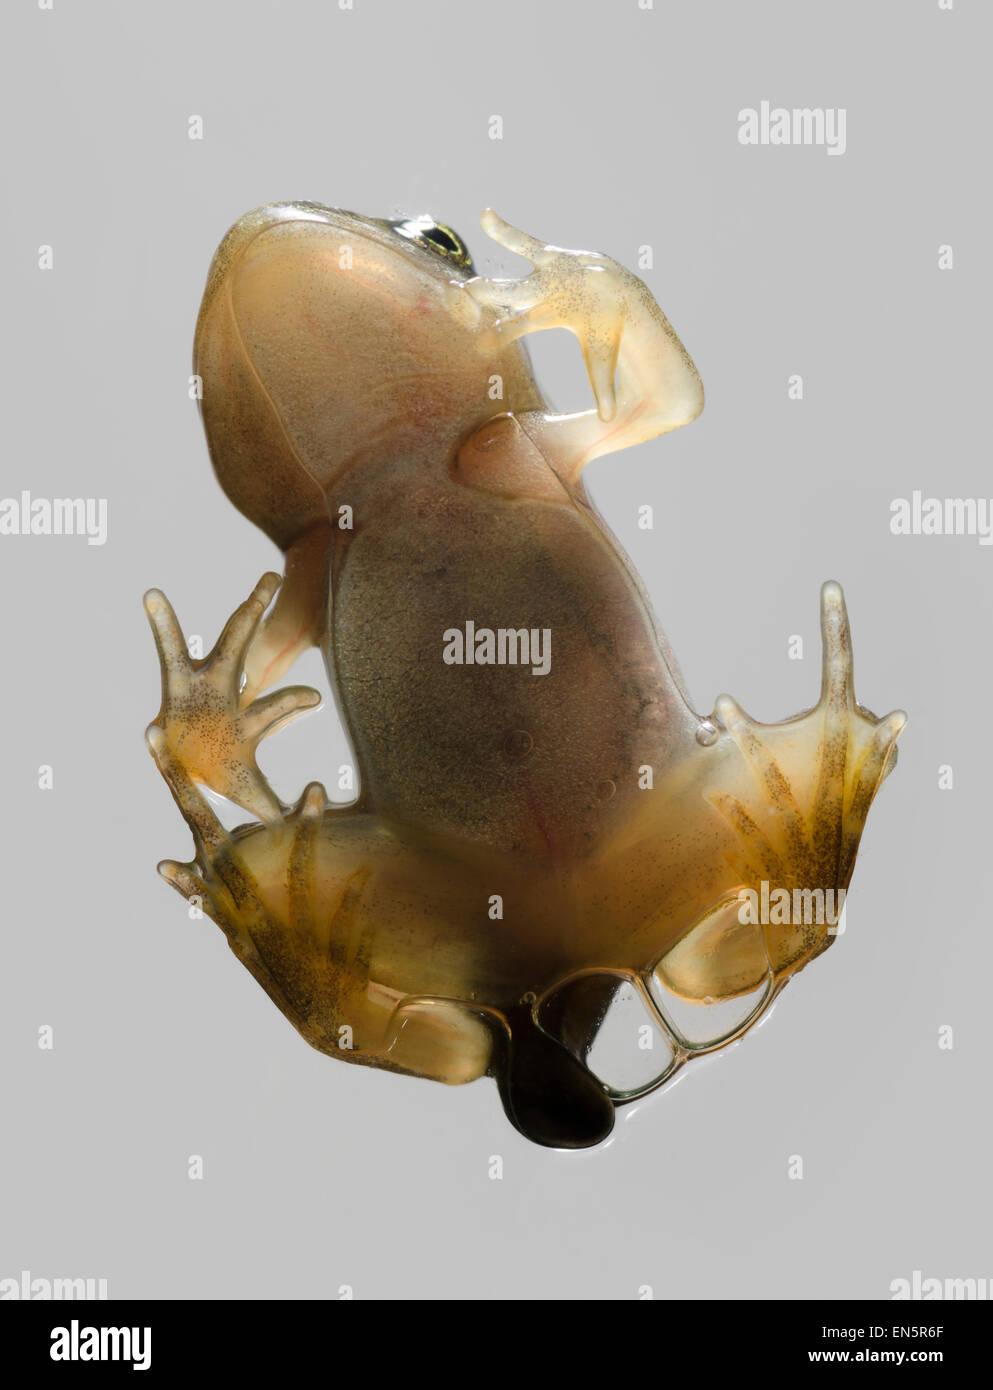 Grenouillette de grenouille rousse Rana temporaria escalade sur verre Banque D'Images